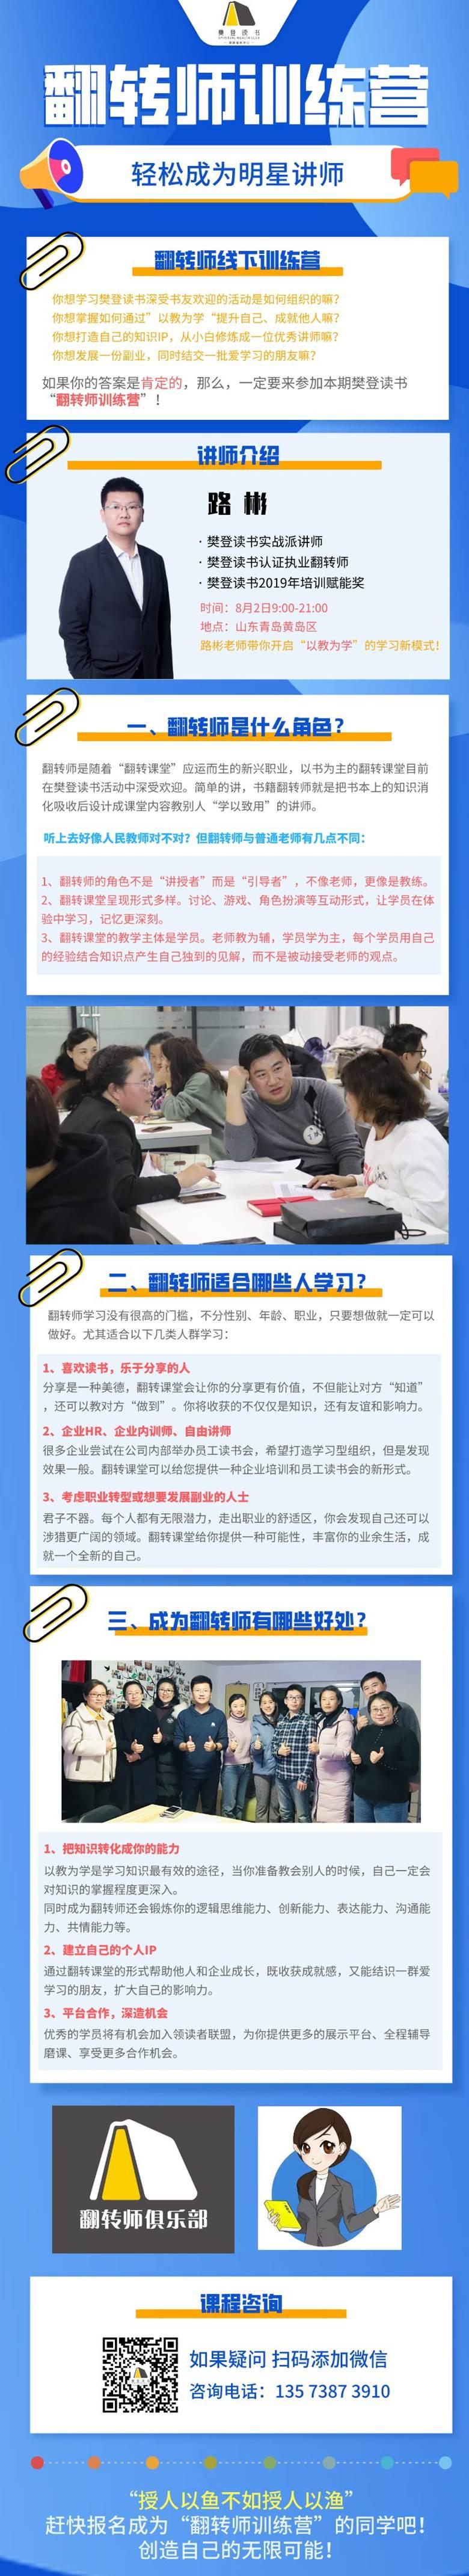 翻转师训练营详情页_自定义px_2020-07-26-0.png